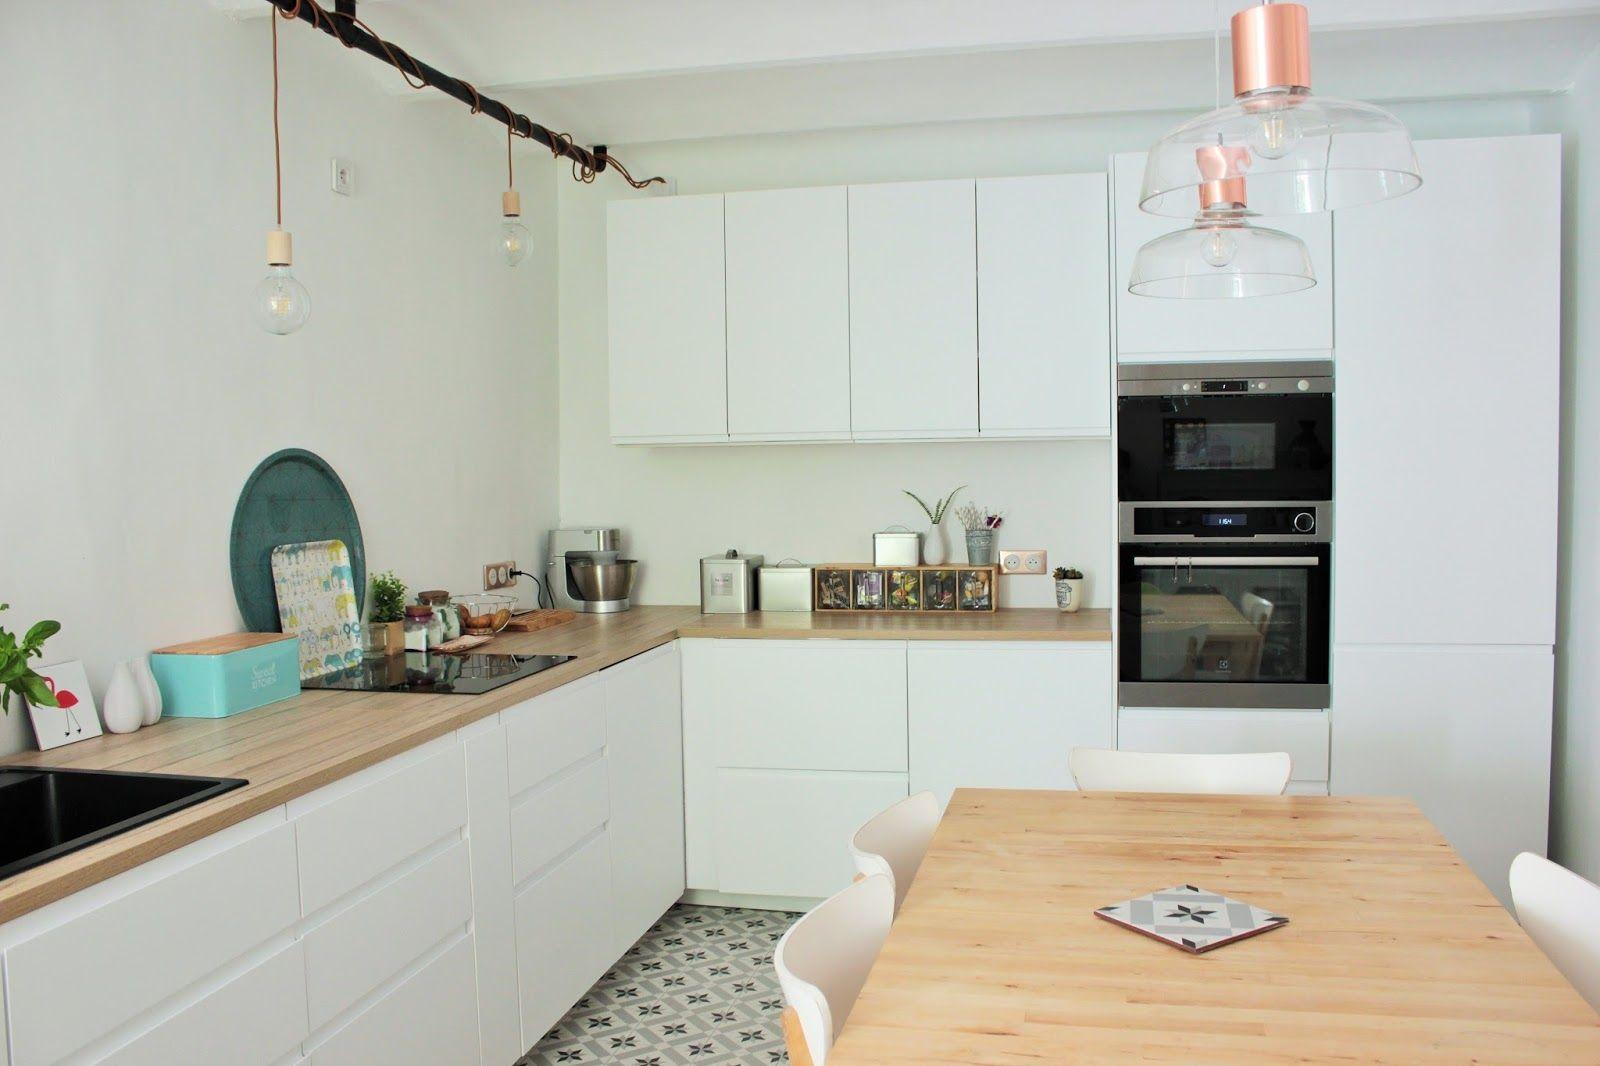 Tolle Küchendesign Bilder Australien Galerie - Küchen Ideen Modern ...